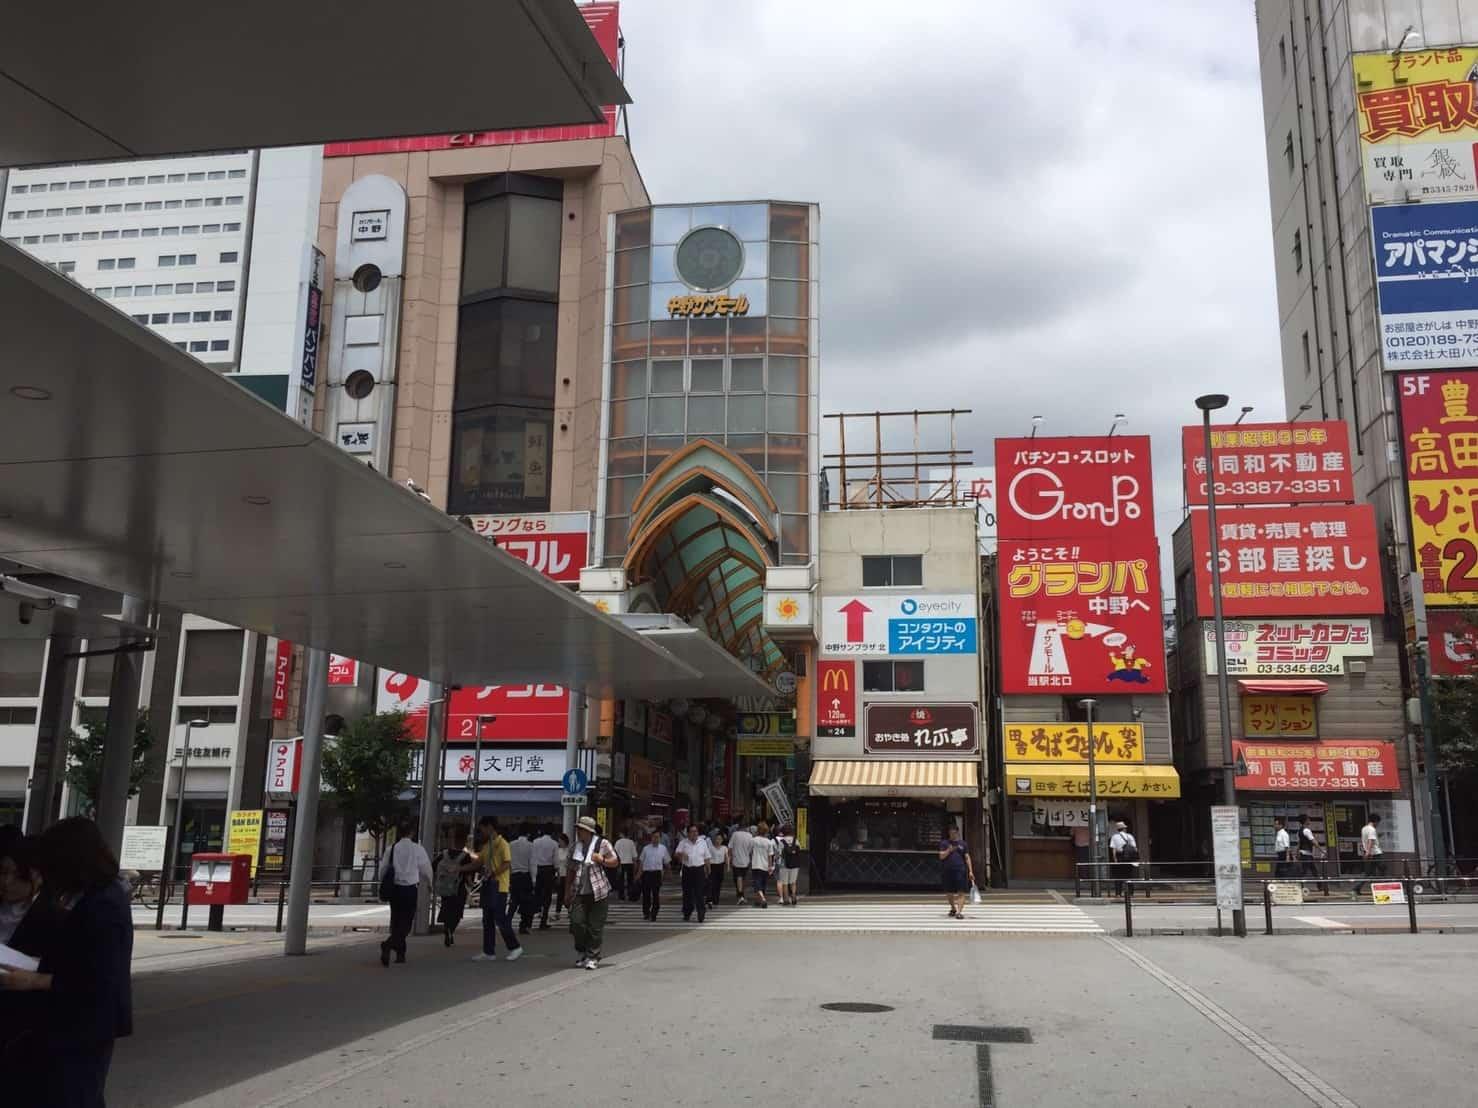 中野駅北口前の広場の様子